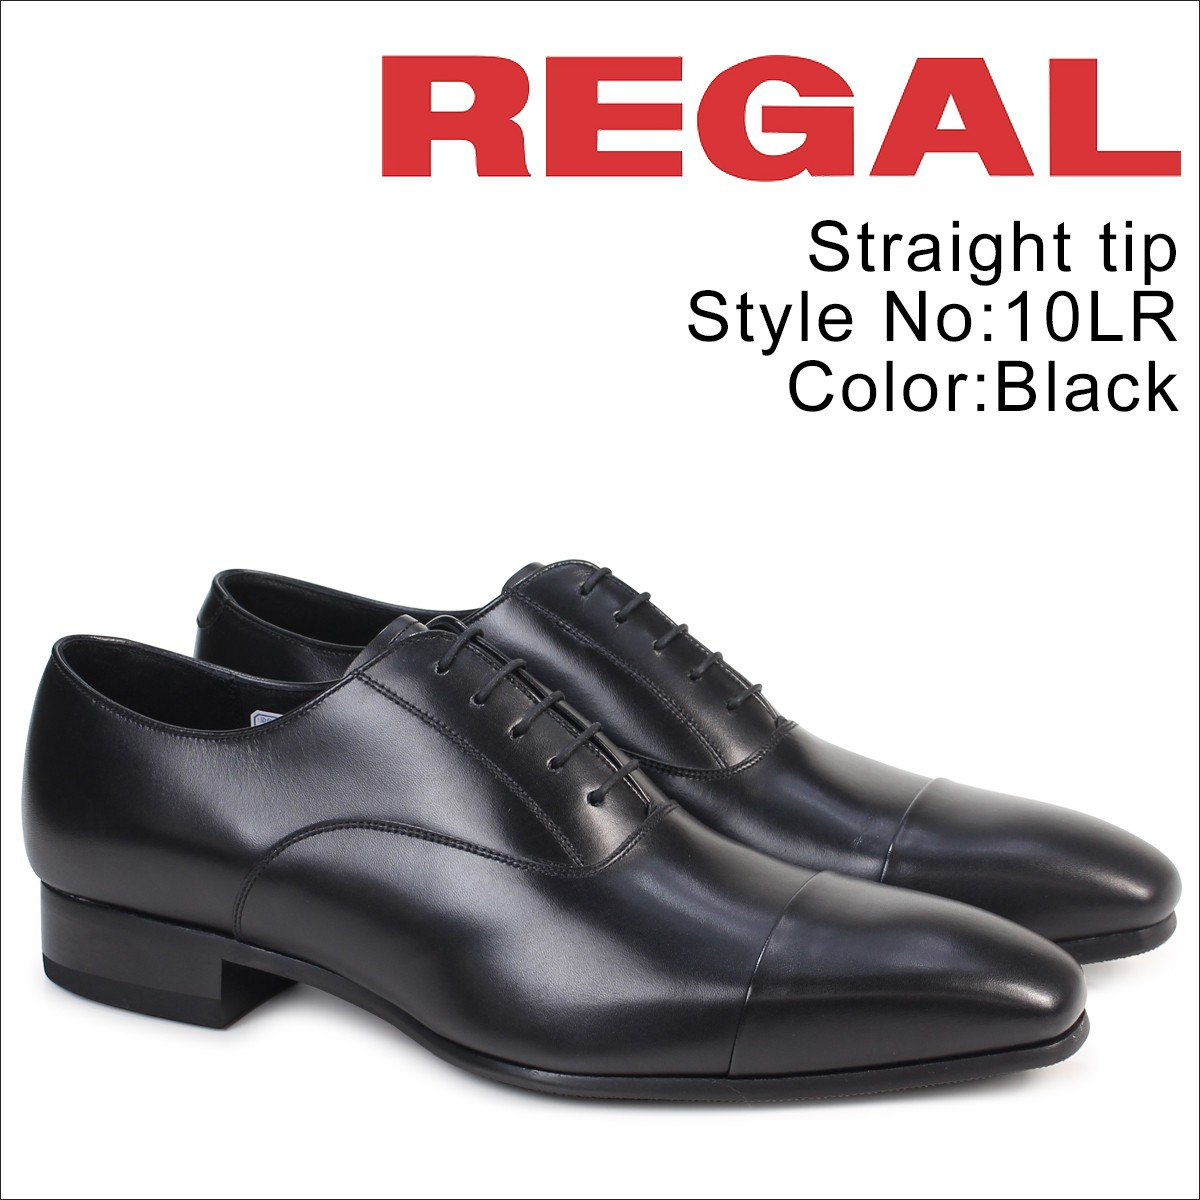 リーガル 靴 メンズ ビジネスシューズ REGAL ストレートチップ 10LR BD 日本製 ブラック [4/10 追加入荷]